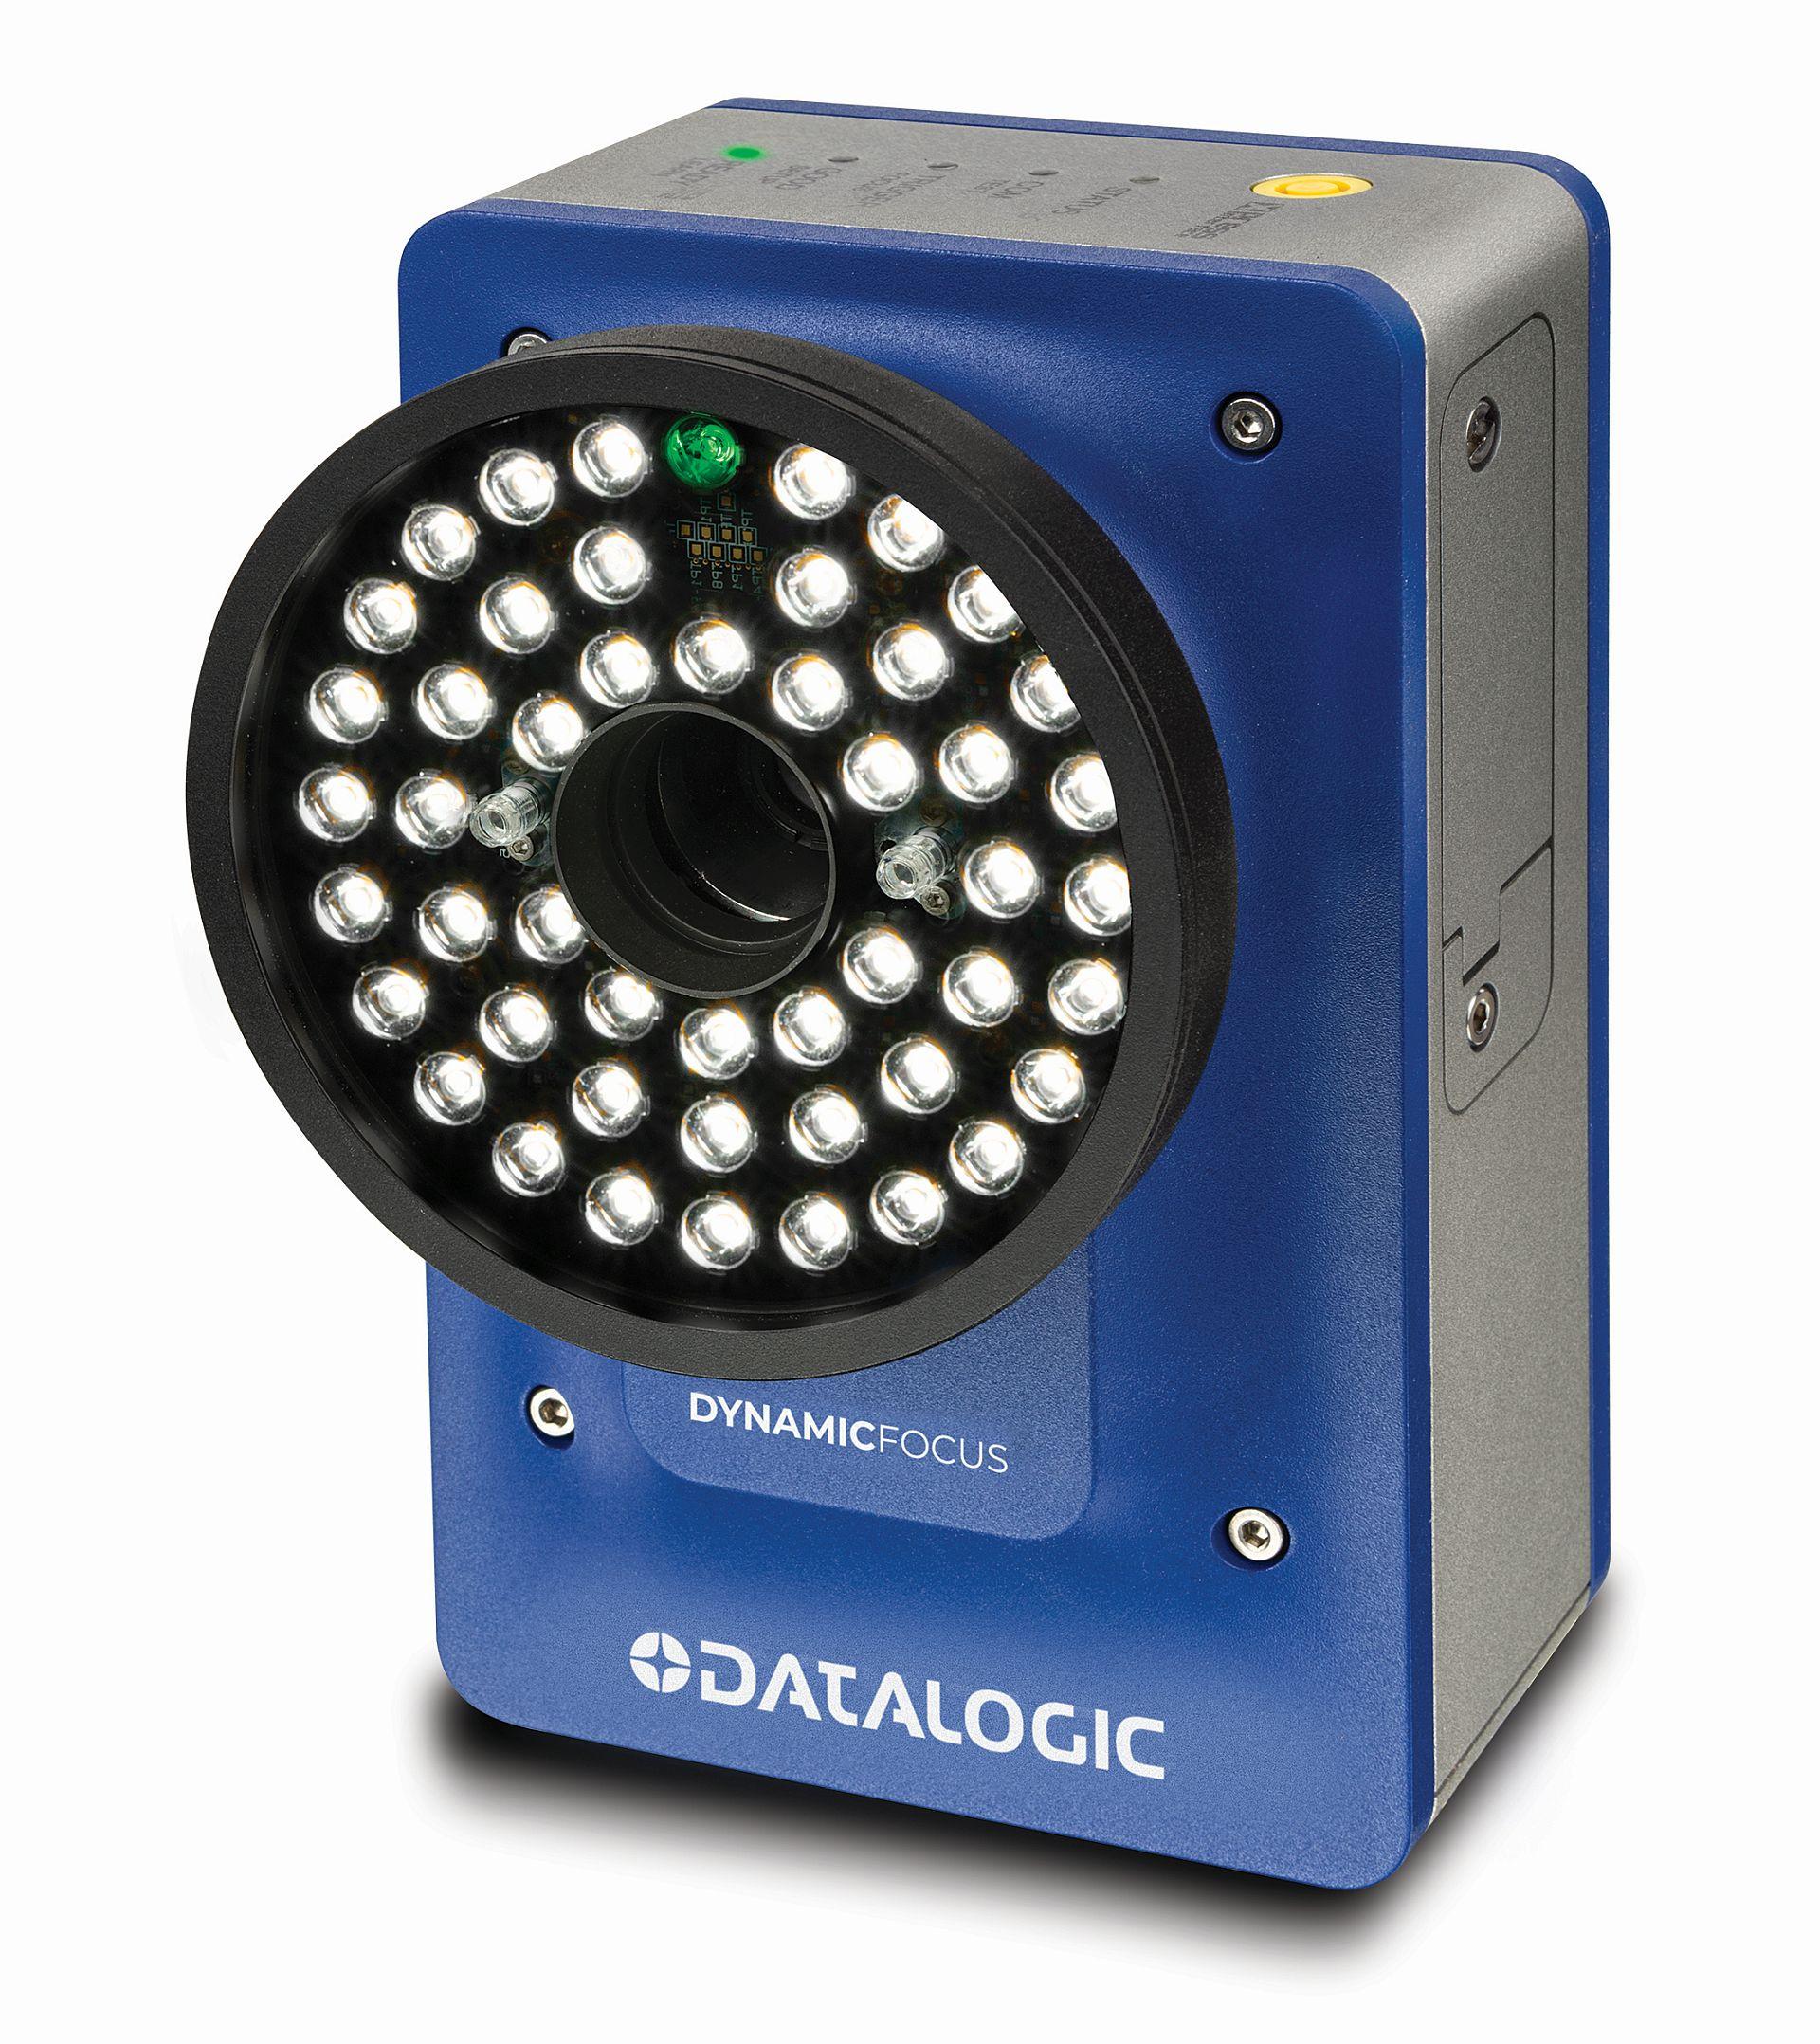 datalogic av900, čtečka, imager, kamera